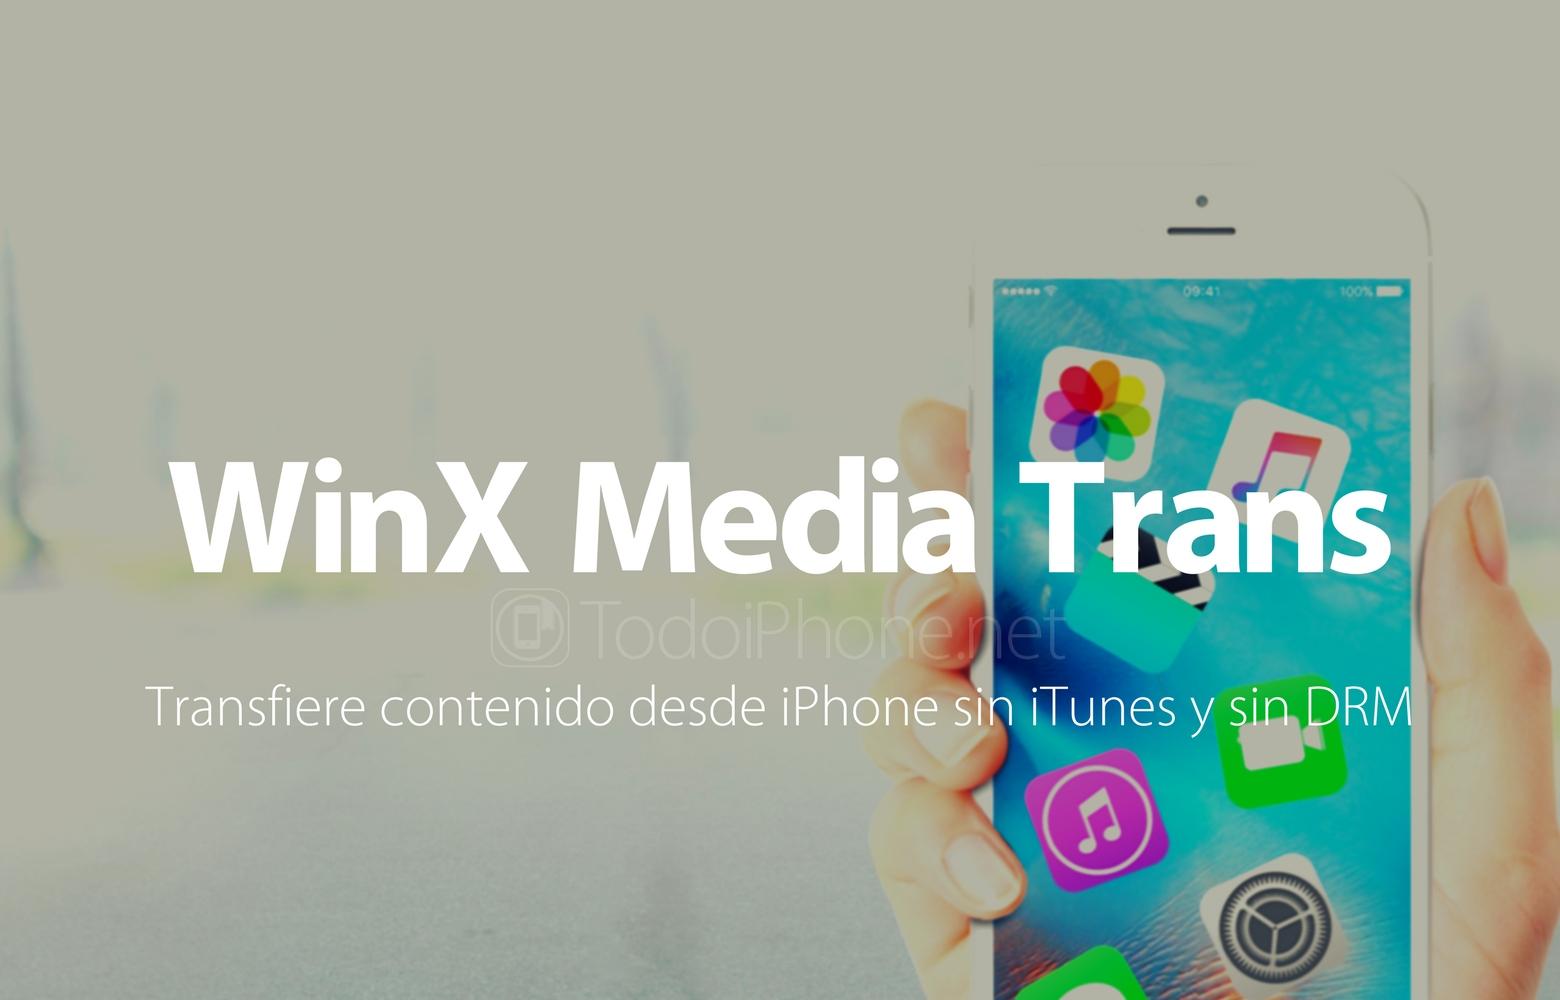 WinX Media Trans, transfiere contenido desde iPhone sin iTunes y sin DRM